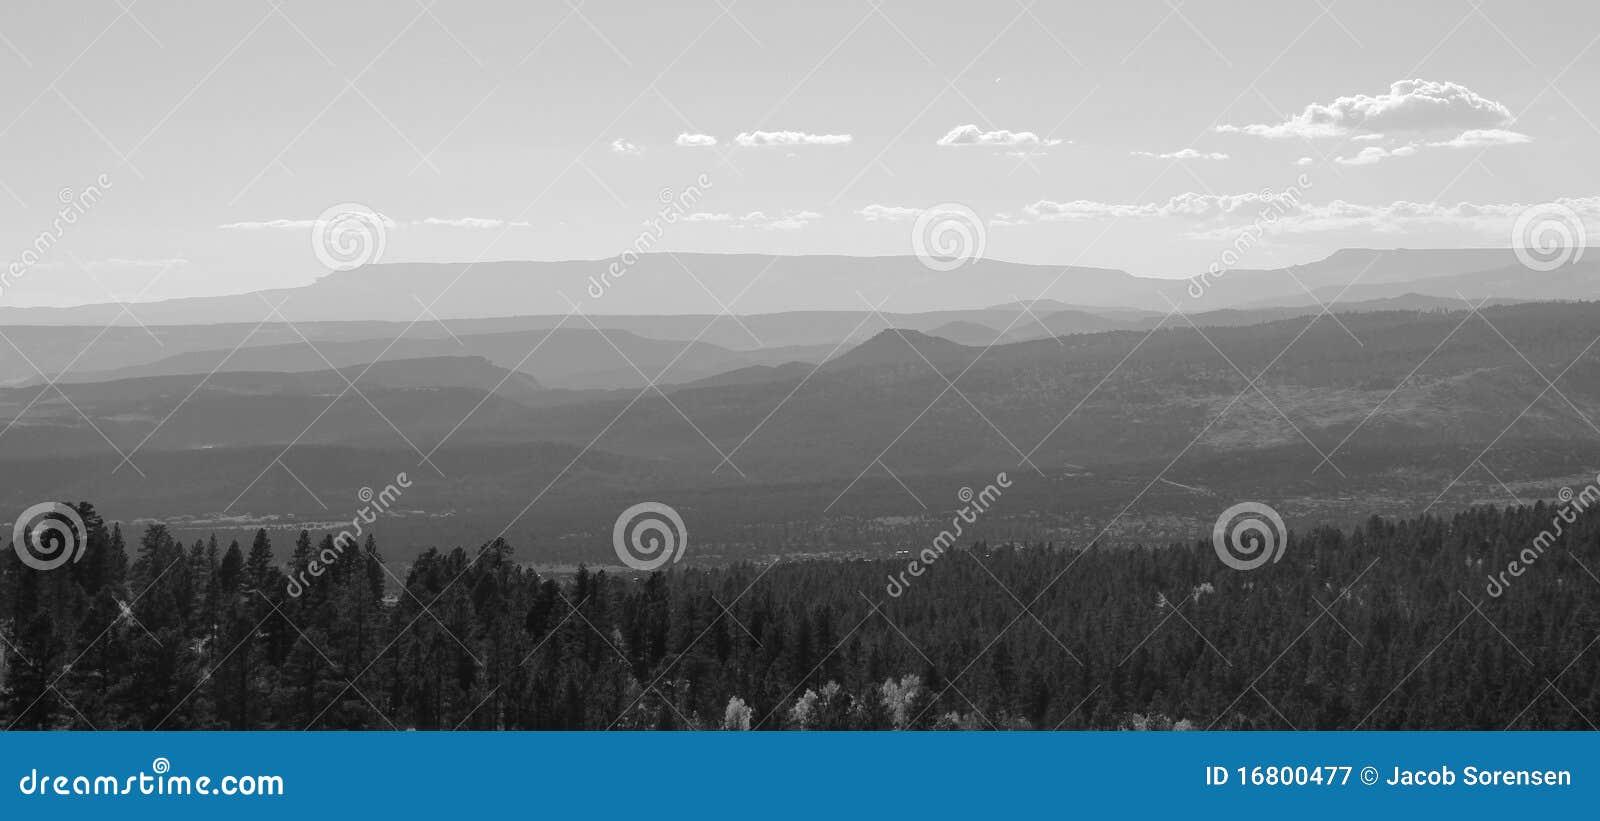 Les montagnes disparaissent dans la distance